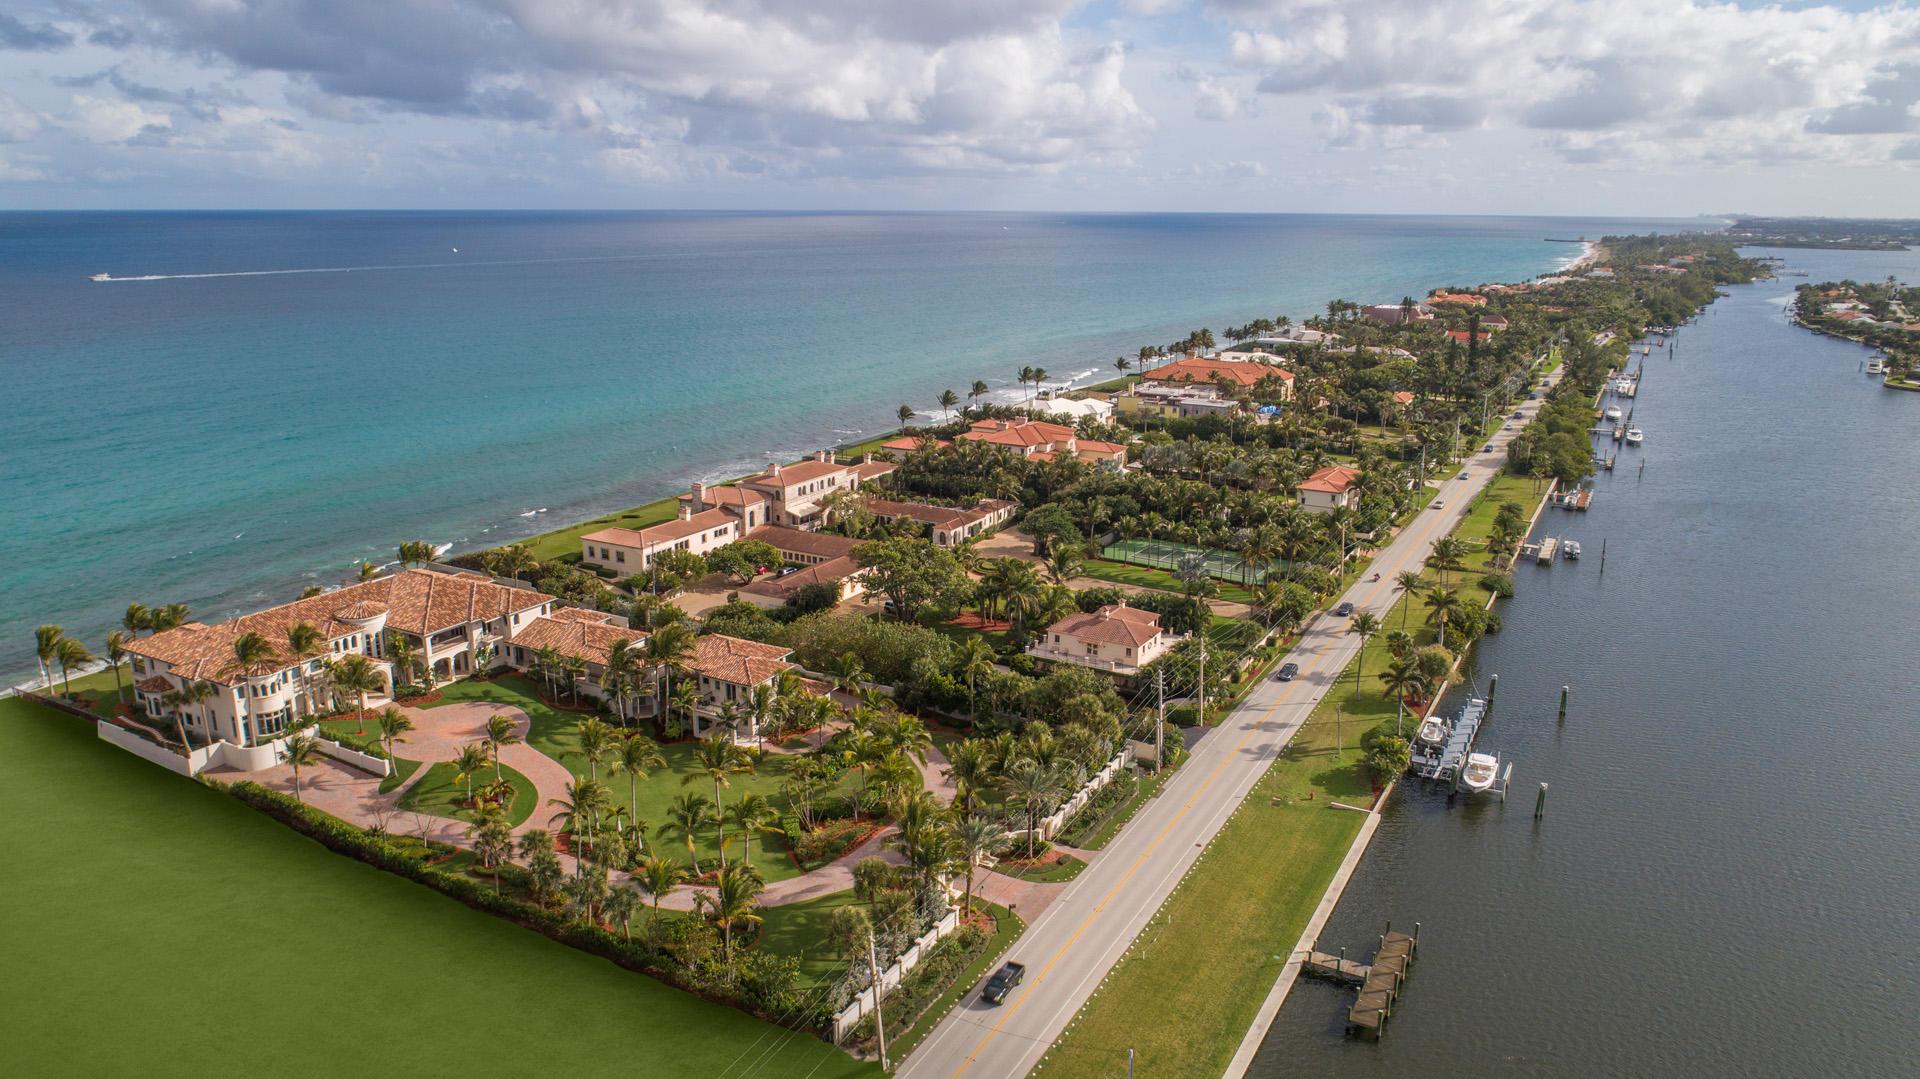 1040 S Ocean Boulevard Manalapan, FL 33462